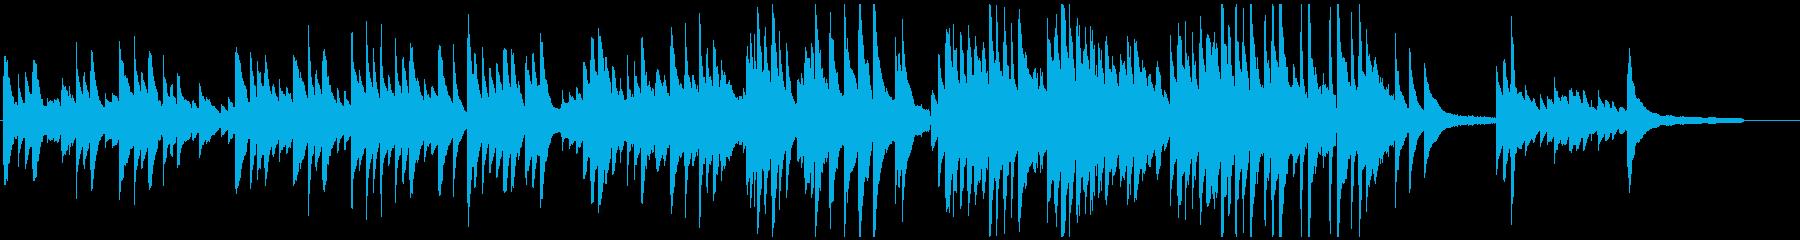 【ピアノソロ】ウエディング・思い出・感動の再生済みの波形